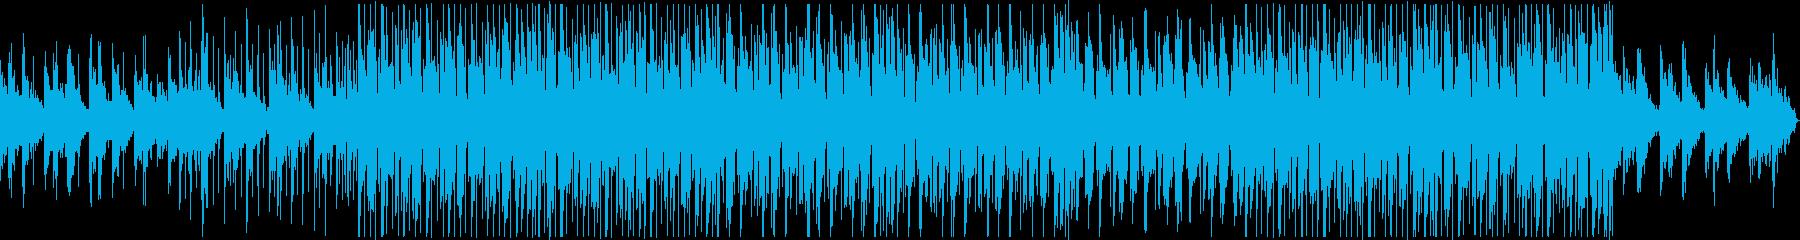 神秘的 シンプル ゲームの再生済みの波形